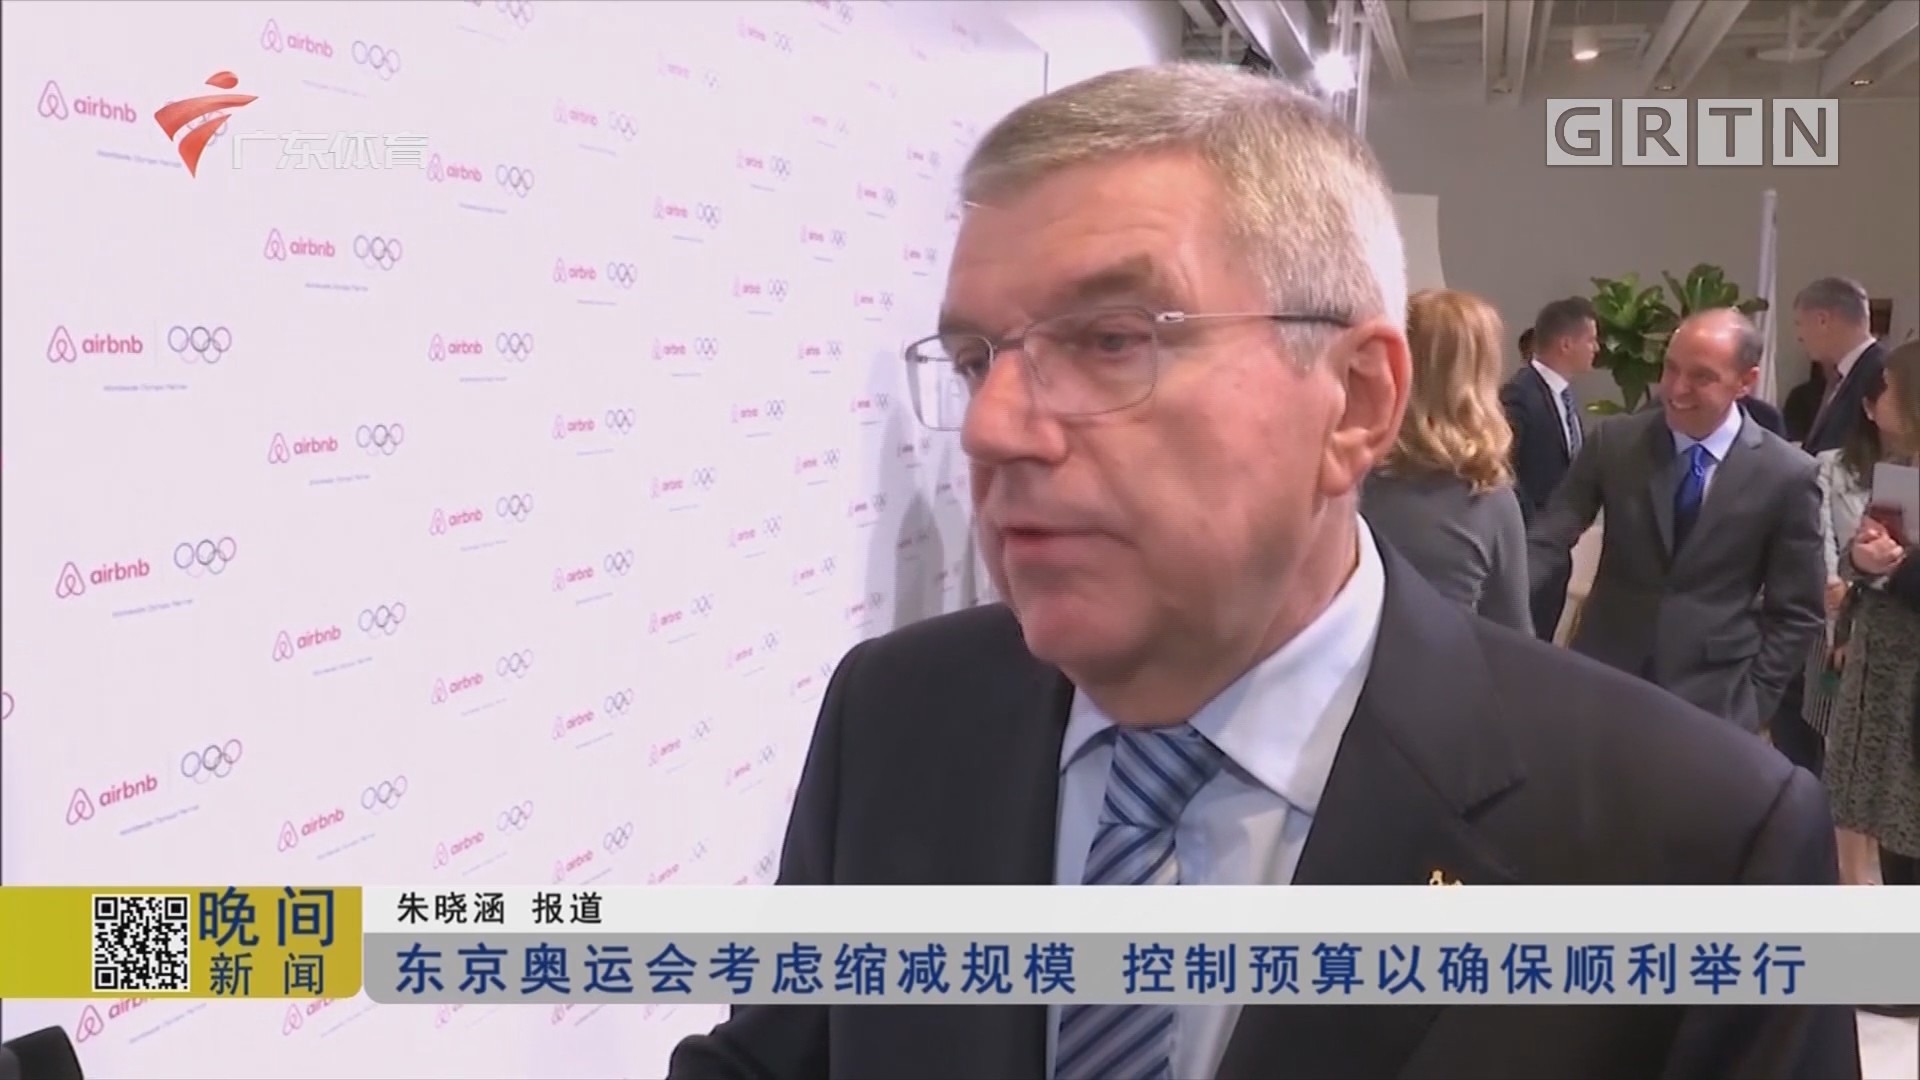 东京奥运会考虑缩减规模 控制预算以确保顺利举行